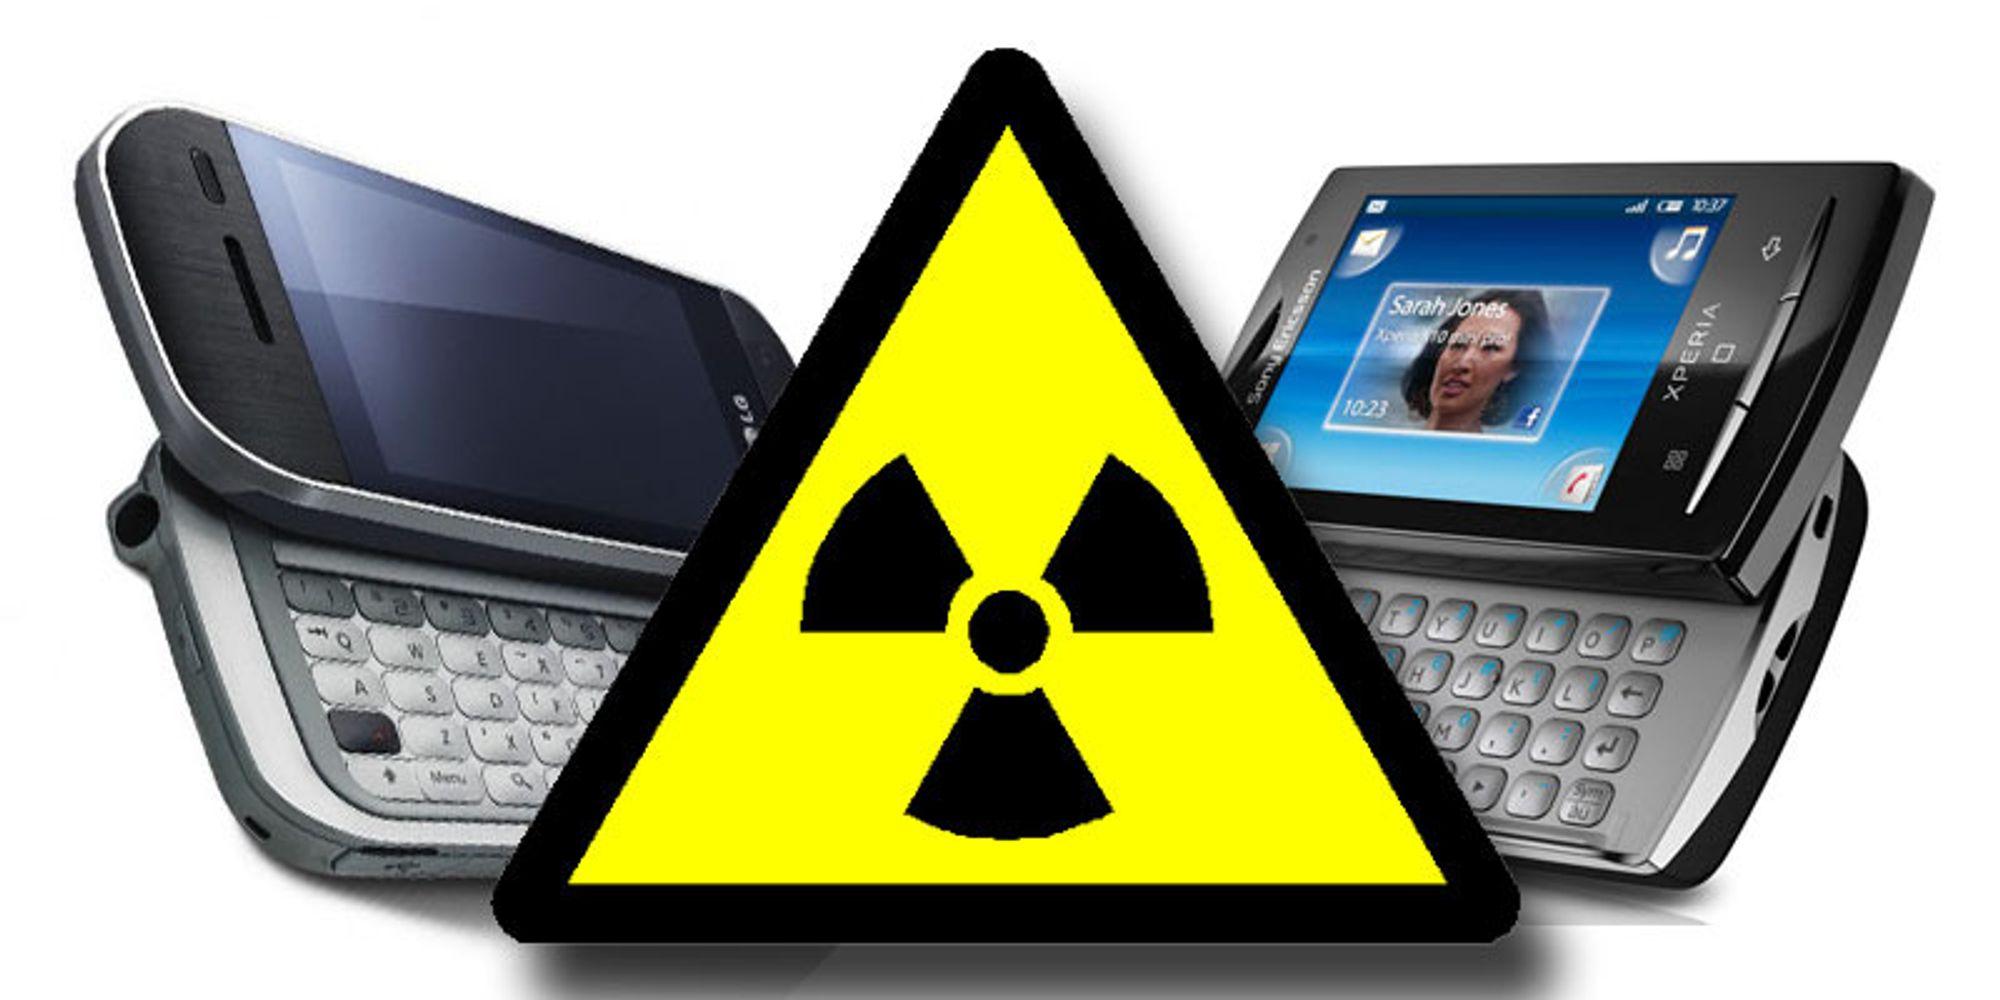 Finner ingen tegn på skadelig stråling